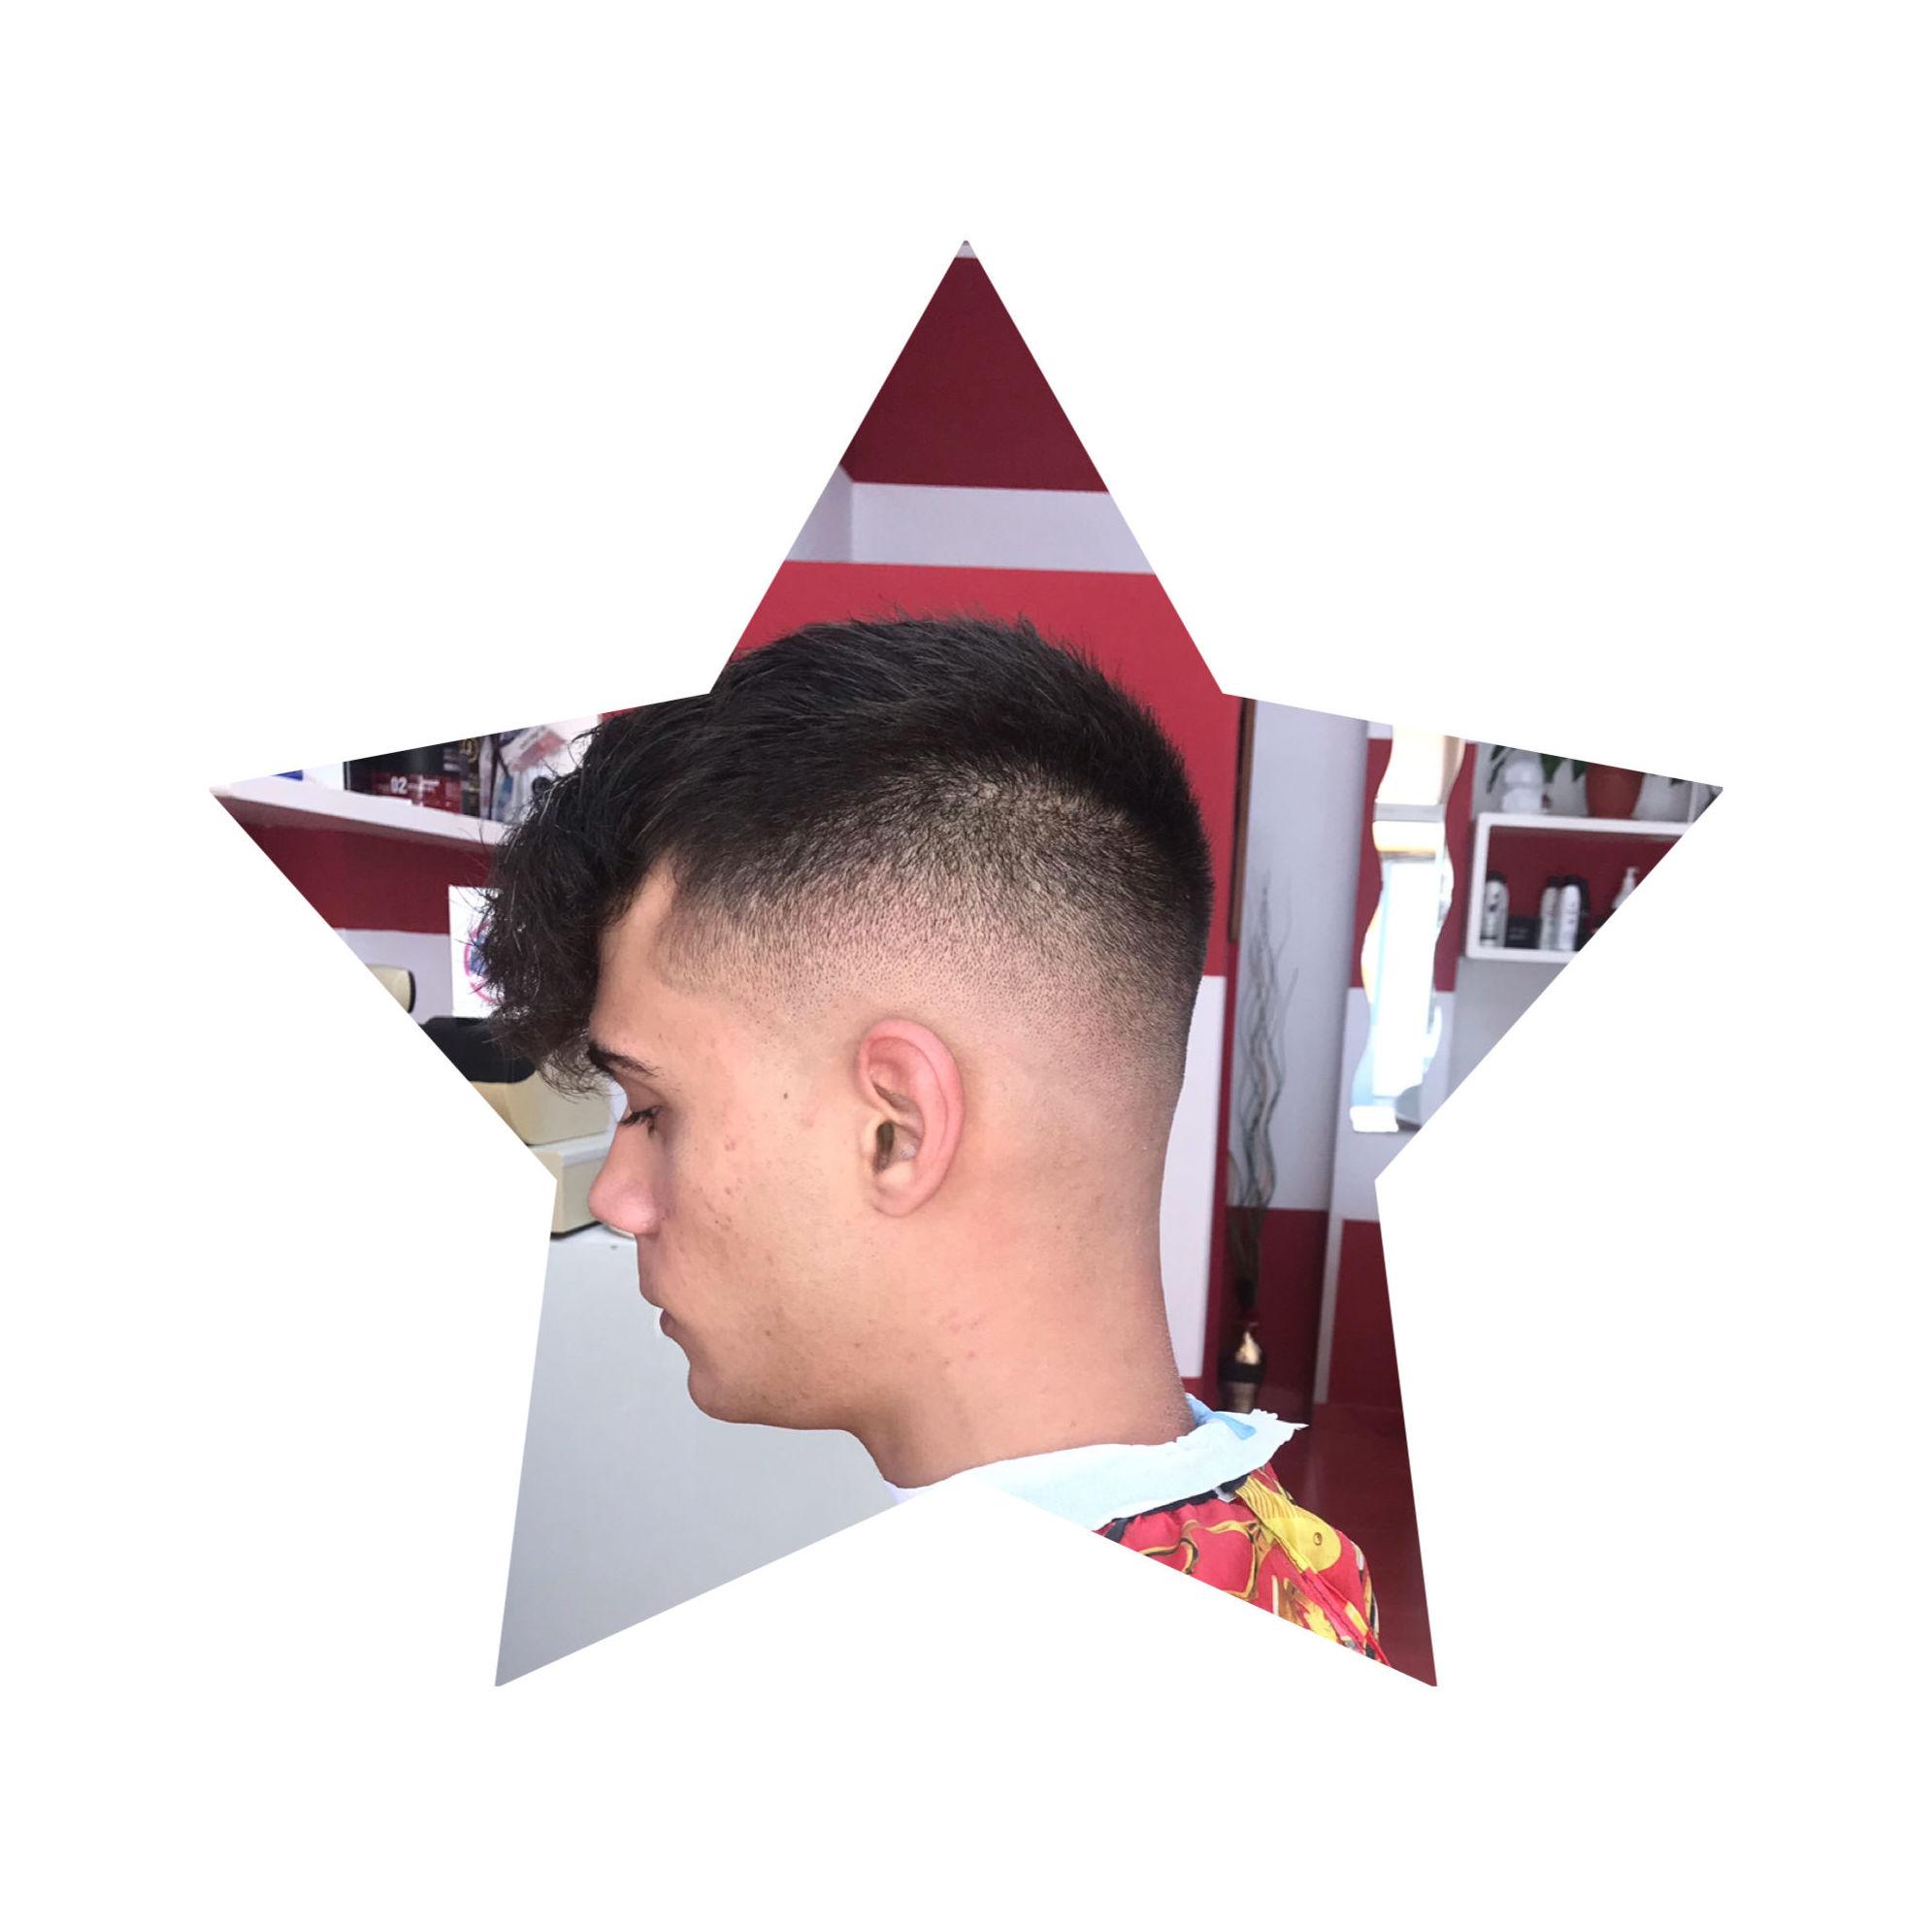 Foto 5 de Peluquería unisex y barbería en  | Janlet Barber Shop Unisex